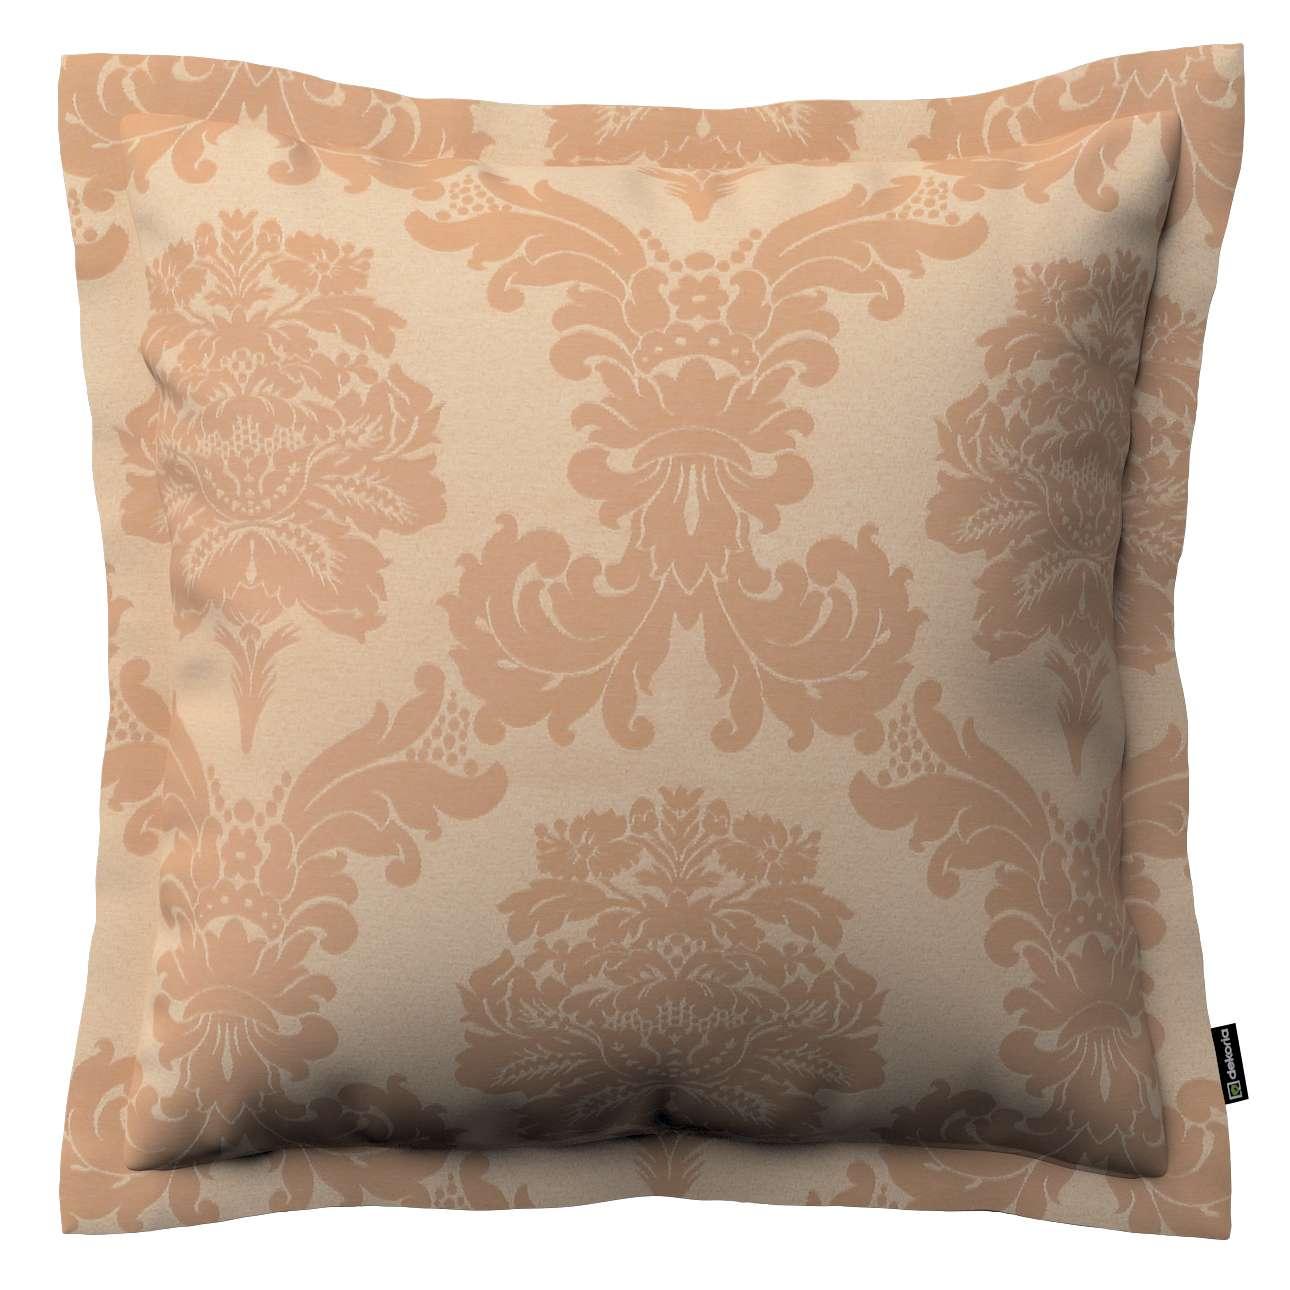 Poszewka Mona na poduszkę 45x45 cm w kolekcji Damasco, tkanina: 613-04